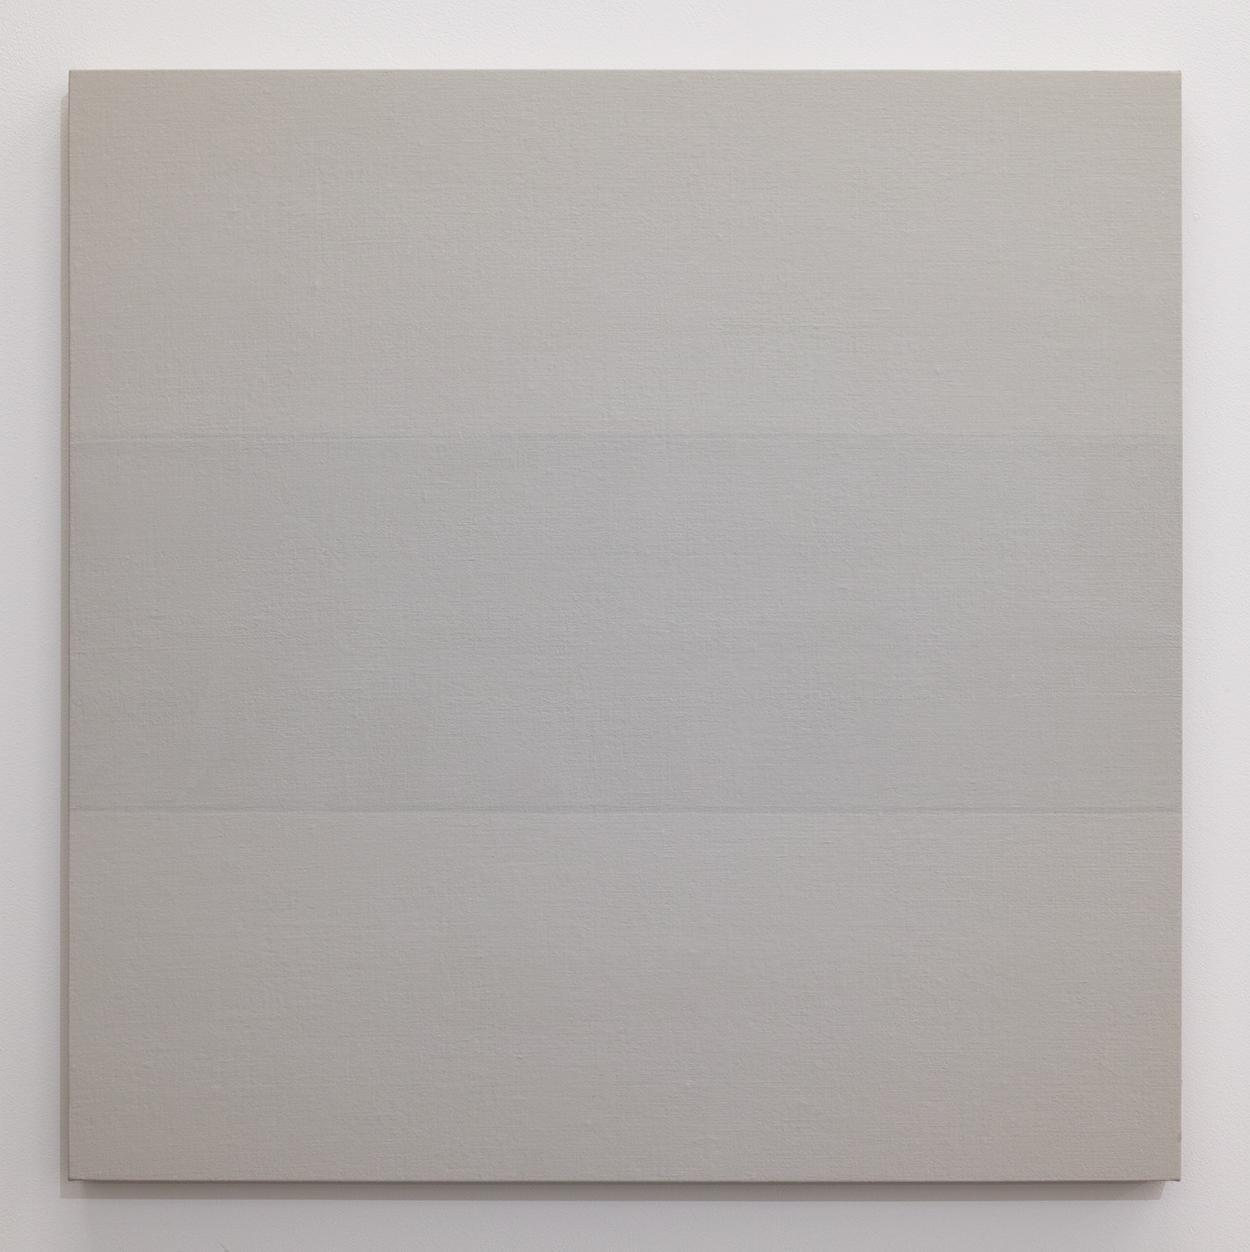 鈴木たかし|TAKSHI SUZUKI<br>TS0822|Gesso on panel|60 x 60 cm|2008